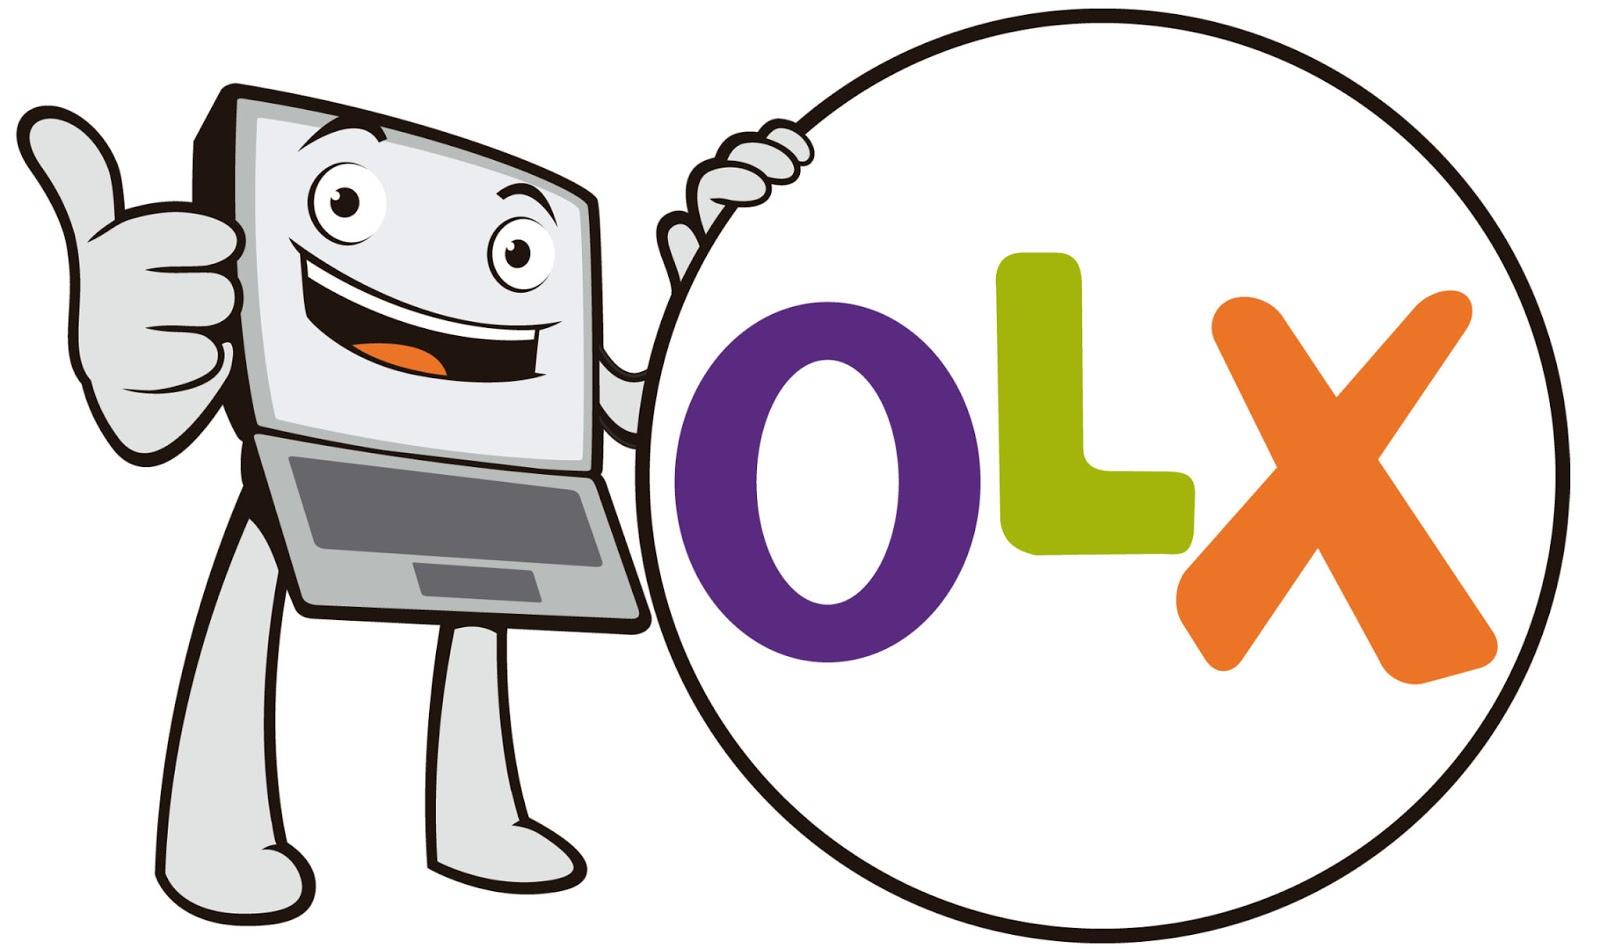 olx carros usados brasil click for details recherches associees a olx